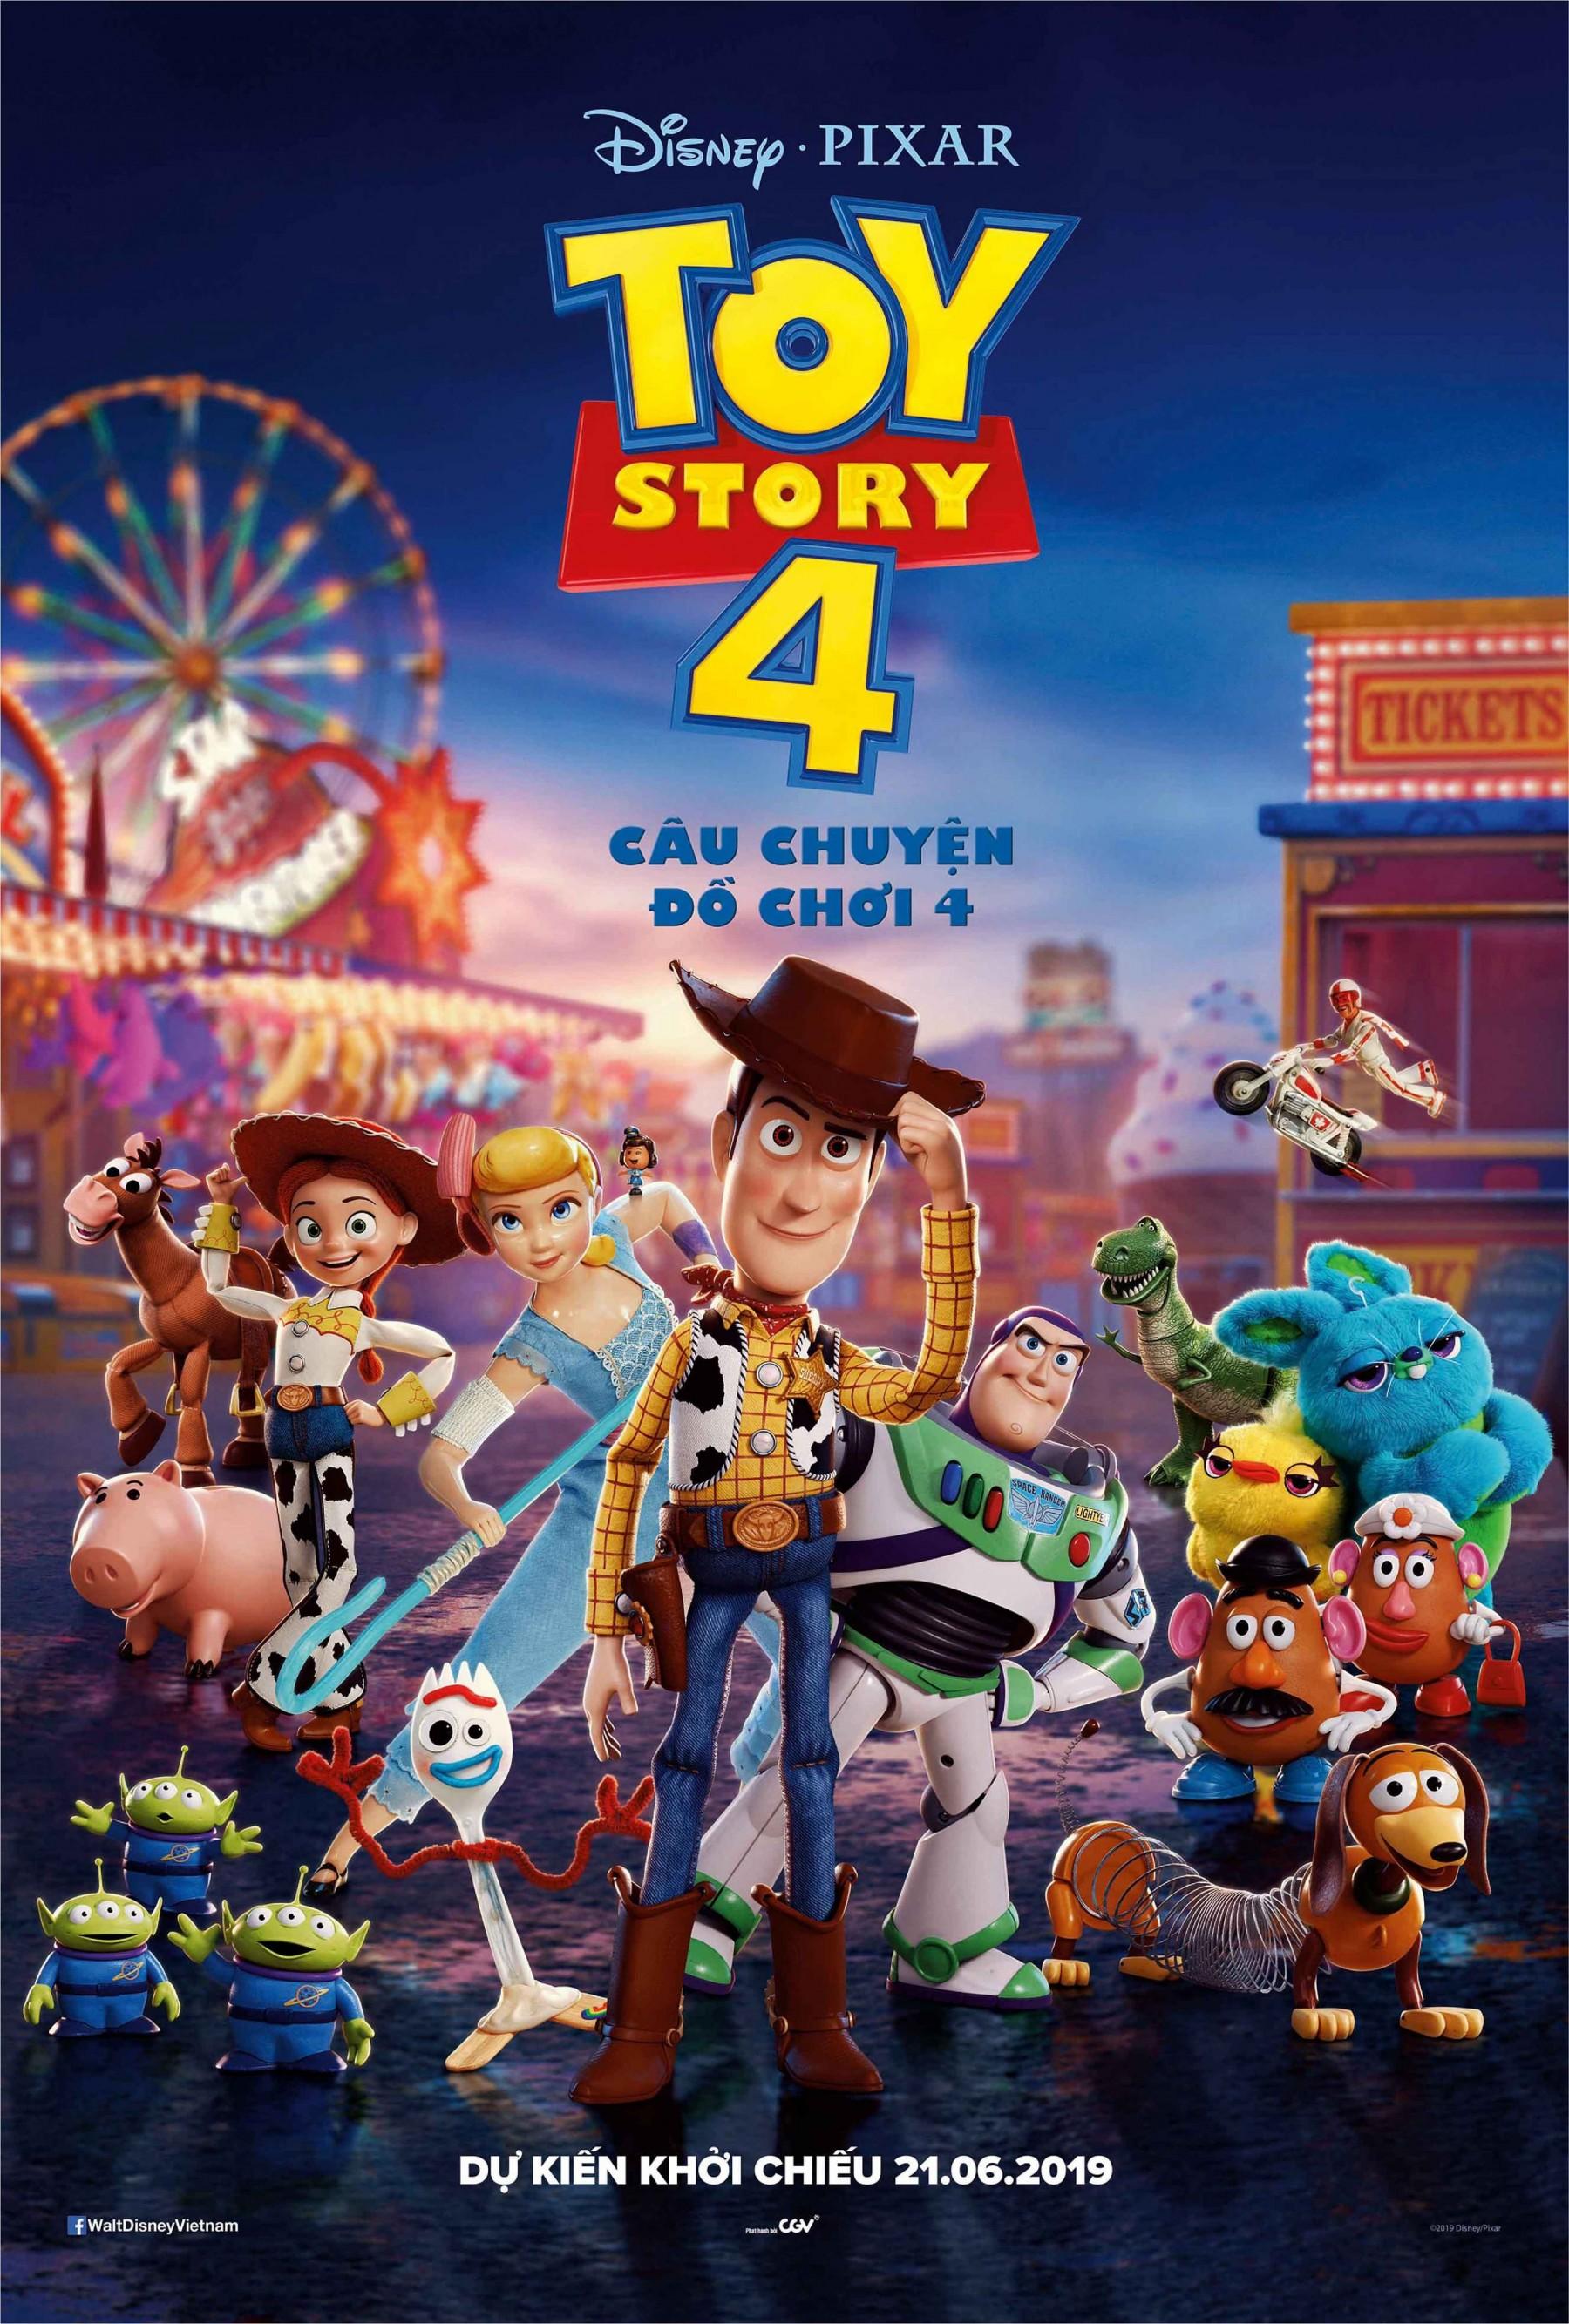 199 - Toy Story 4 2019 - Câu Chuyện Đồ Chơi 4